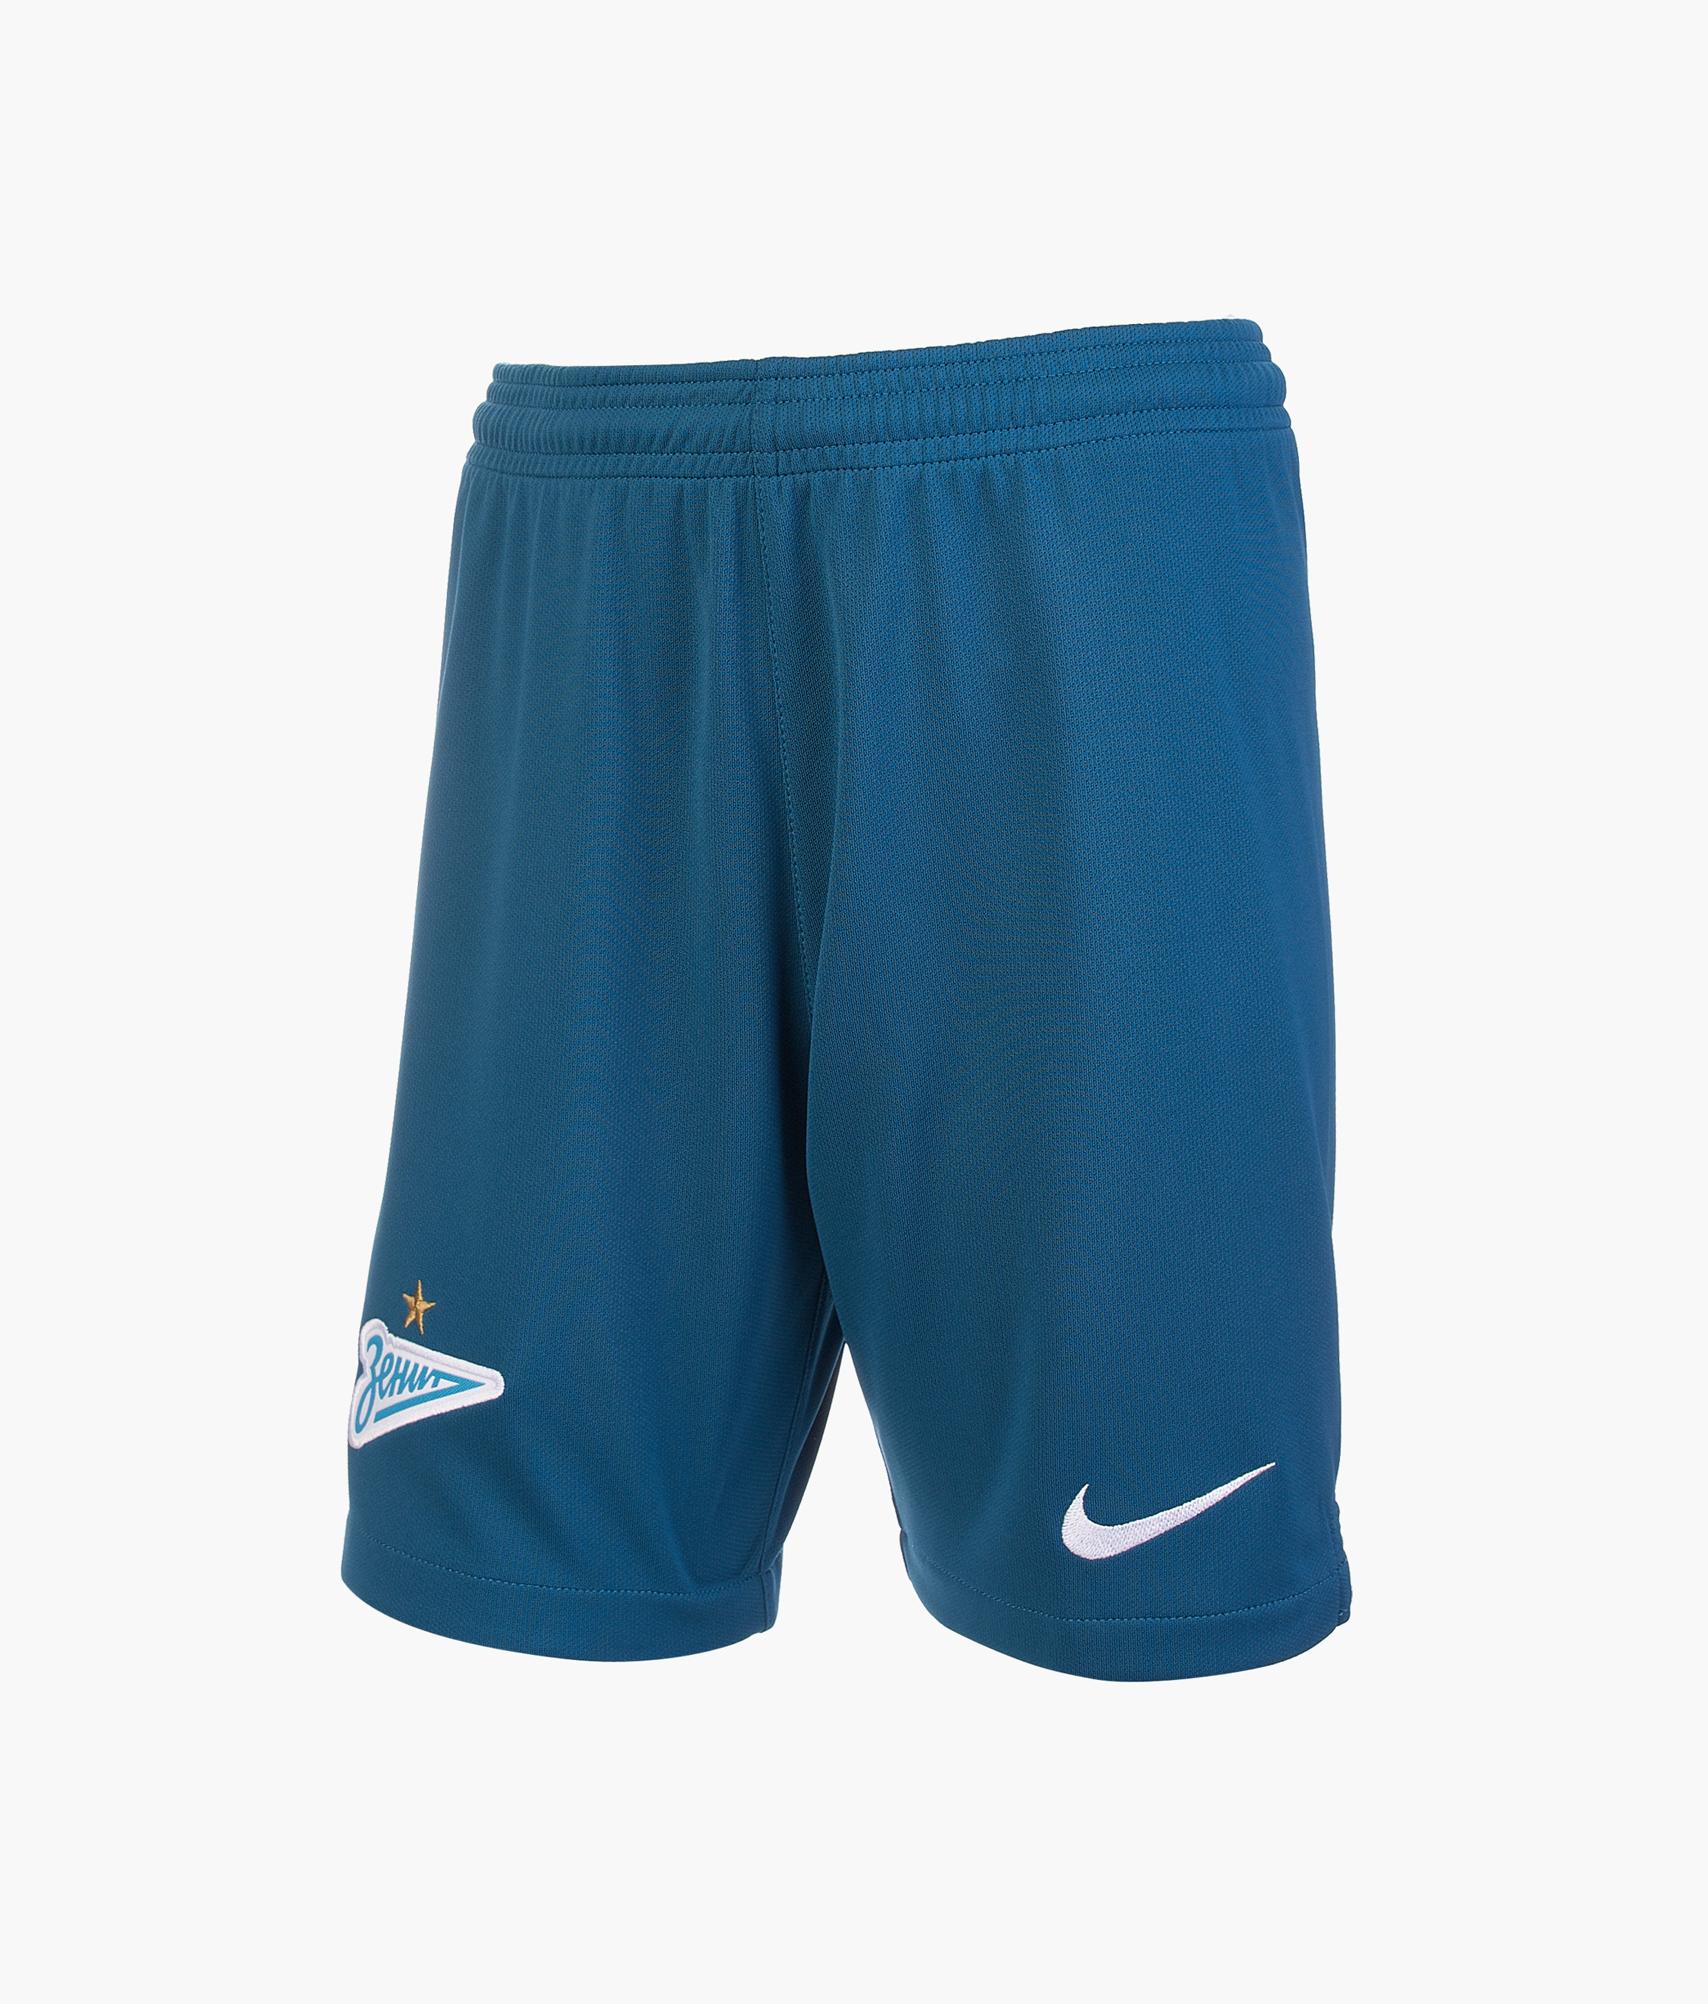 Подростковые домашние шорты Nike сезона 2019/2020 Nike Цвет-Синий цена и фото